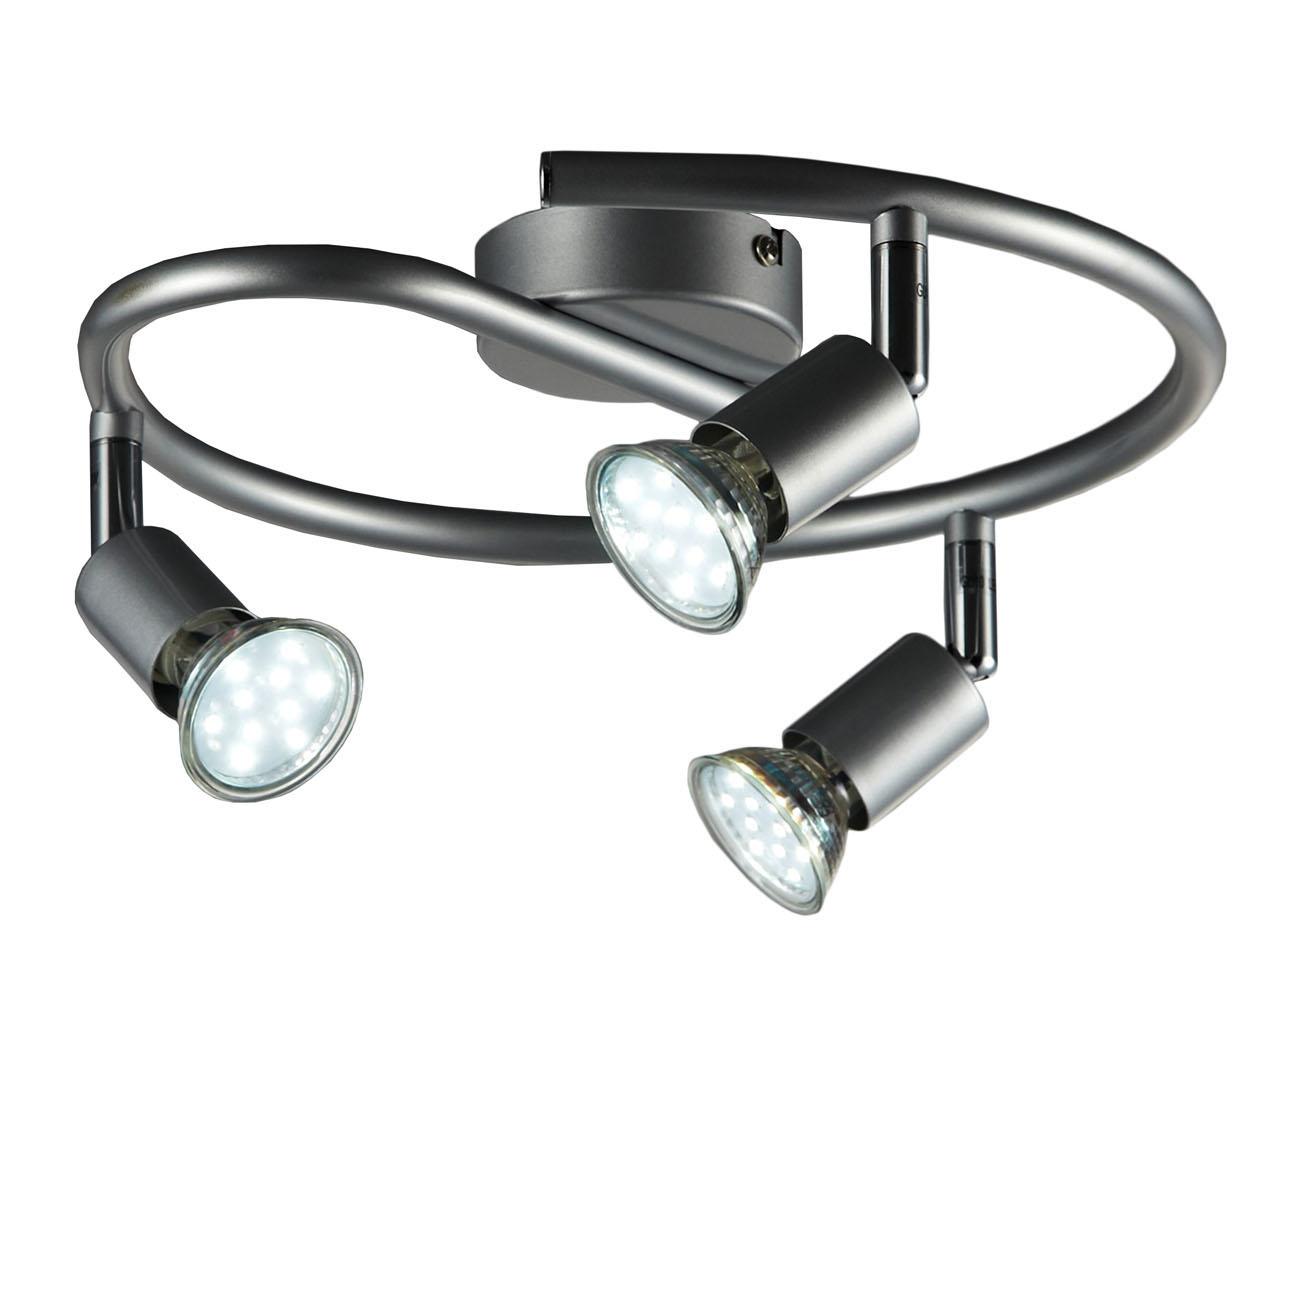 LED Deckenstrahler Deckenspot 3-flammig rund - 1